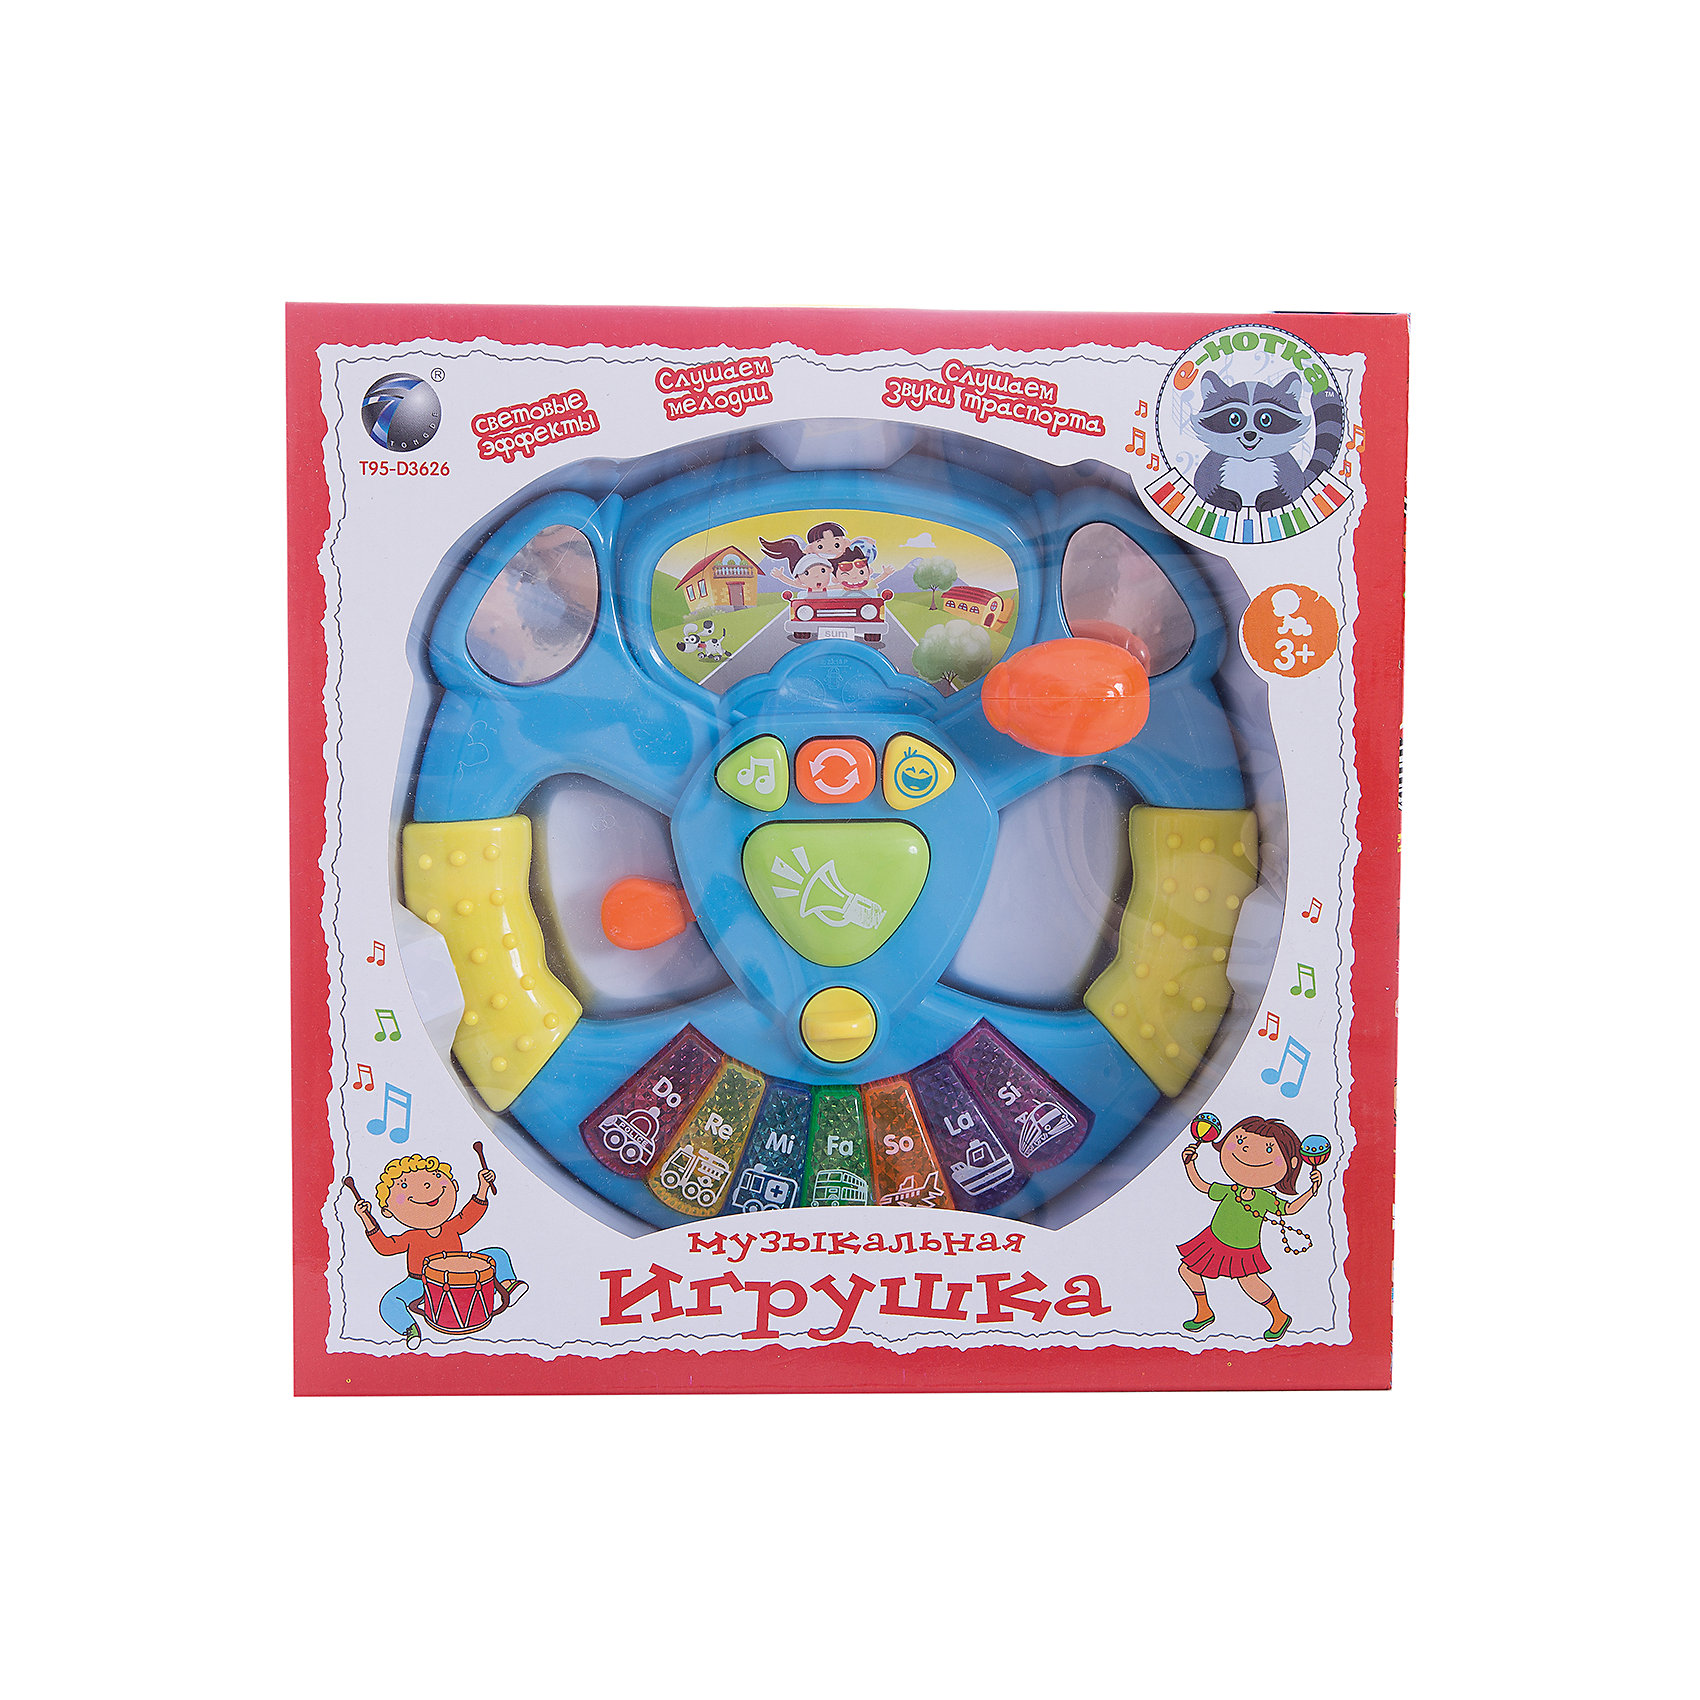 Руль музыкальный, со светом и звуком, Shantou GepaiiИнтерактивные игрушки для малышей<br>Руль музыкальный, со светом и звуком, Shantou Gepai – это веселый многофункциональный руль   с которым так весело играть и развиваться! Руль оснащен множеством кнопок и ярким дизайном, по краям имеются два «зеркала» заднего вида. У Руля в арсенале имеются забавные песенки, а также звук клаксона, звук зажигания, поворотников. Интерактивный руль научит семи видам транспорта, нотам, цветам, имеет режимы игр «найди машину», «ответь правильно на вопрос». Функции игрового руля помогут развить моторику рук, память, внимание и воображение.<br>Дополнительная информация:<br><br>- В комплект входит: 1 руль<br>- Материал: пластик<br>- Необходимы три батарейки типа АА (не входят в комплект)<br>- Диаметр руля: 22 см.<br><br>Руль музыкальный, со светом и звуком, Shantou Gepai можно купить в нашем интернет-магазине.<br><br>Подробнее:<br>• Для детей в возрасте: от 3 до 6 лет<br>• Номер товара: 4925598<br>Страна производитель: Китай<br><br>Ширина мм: 260<br>Глубина мм: 85<br>Высота мм: 250<br>Вес г: 197<br>Возраст от месяцев: 36<br>Возраст до месяцев: 72<br>Пол: Унисекс<br>Возраст: Детский<br>SKU: 4925598